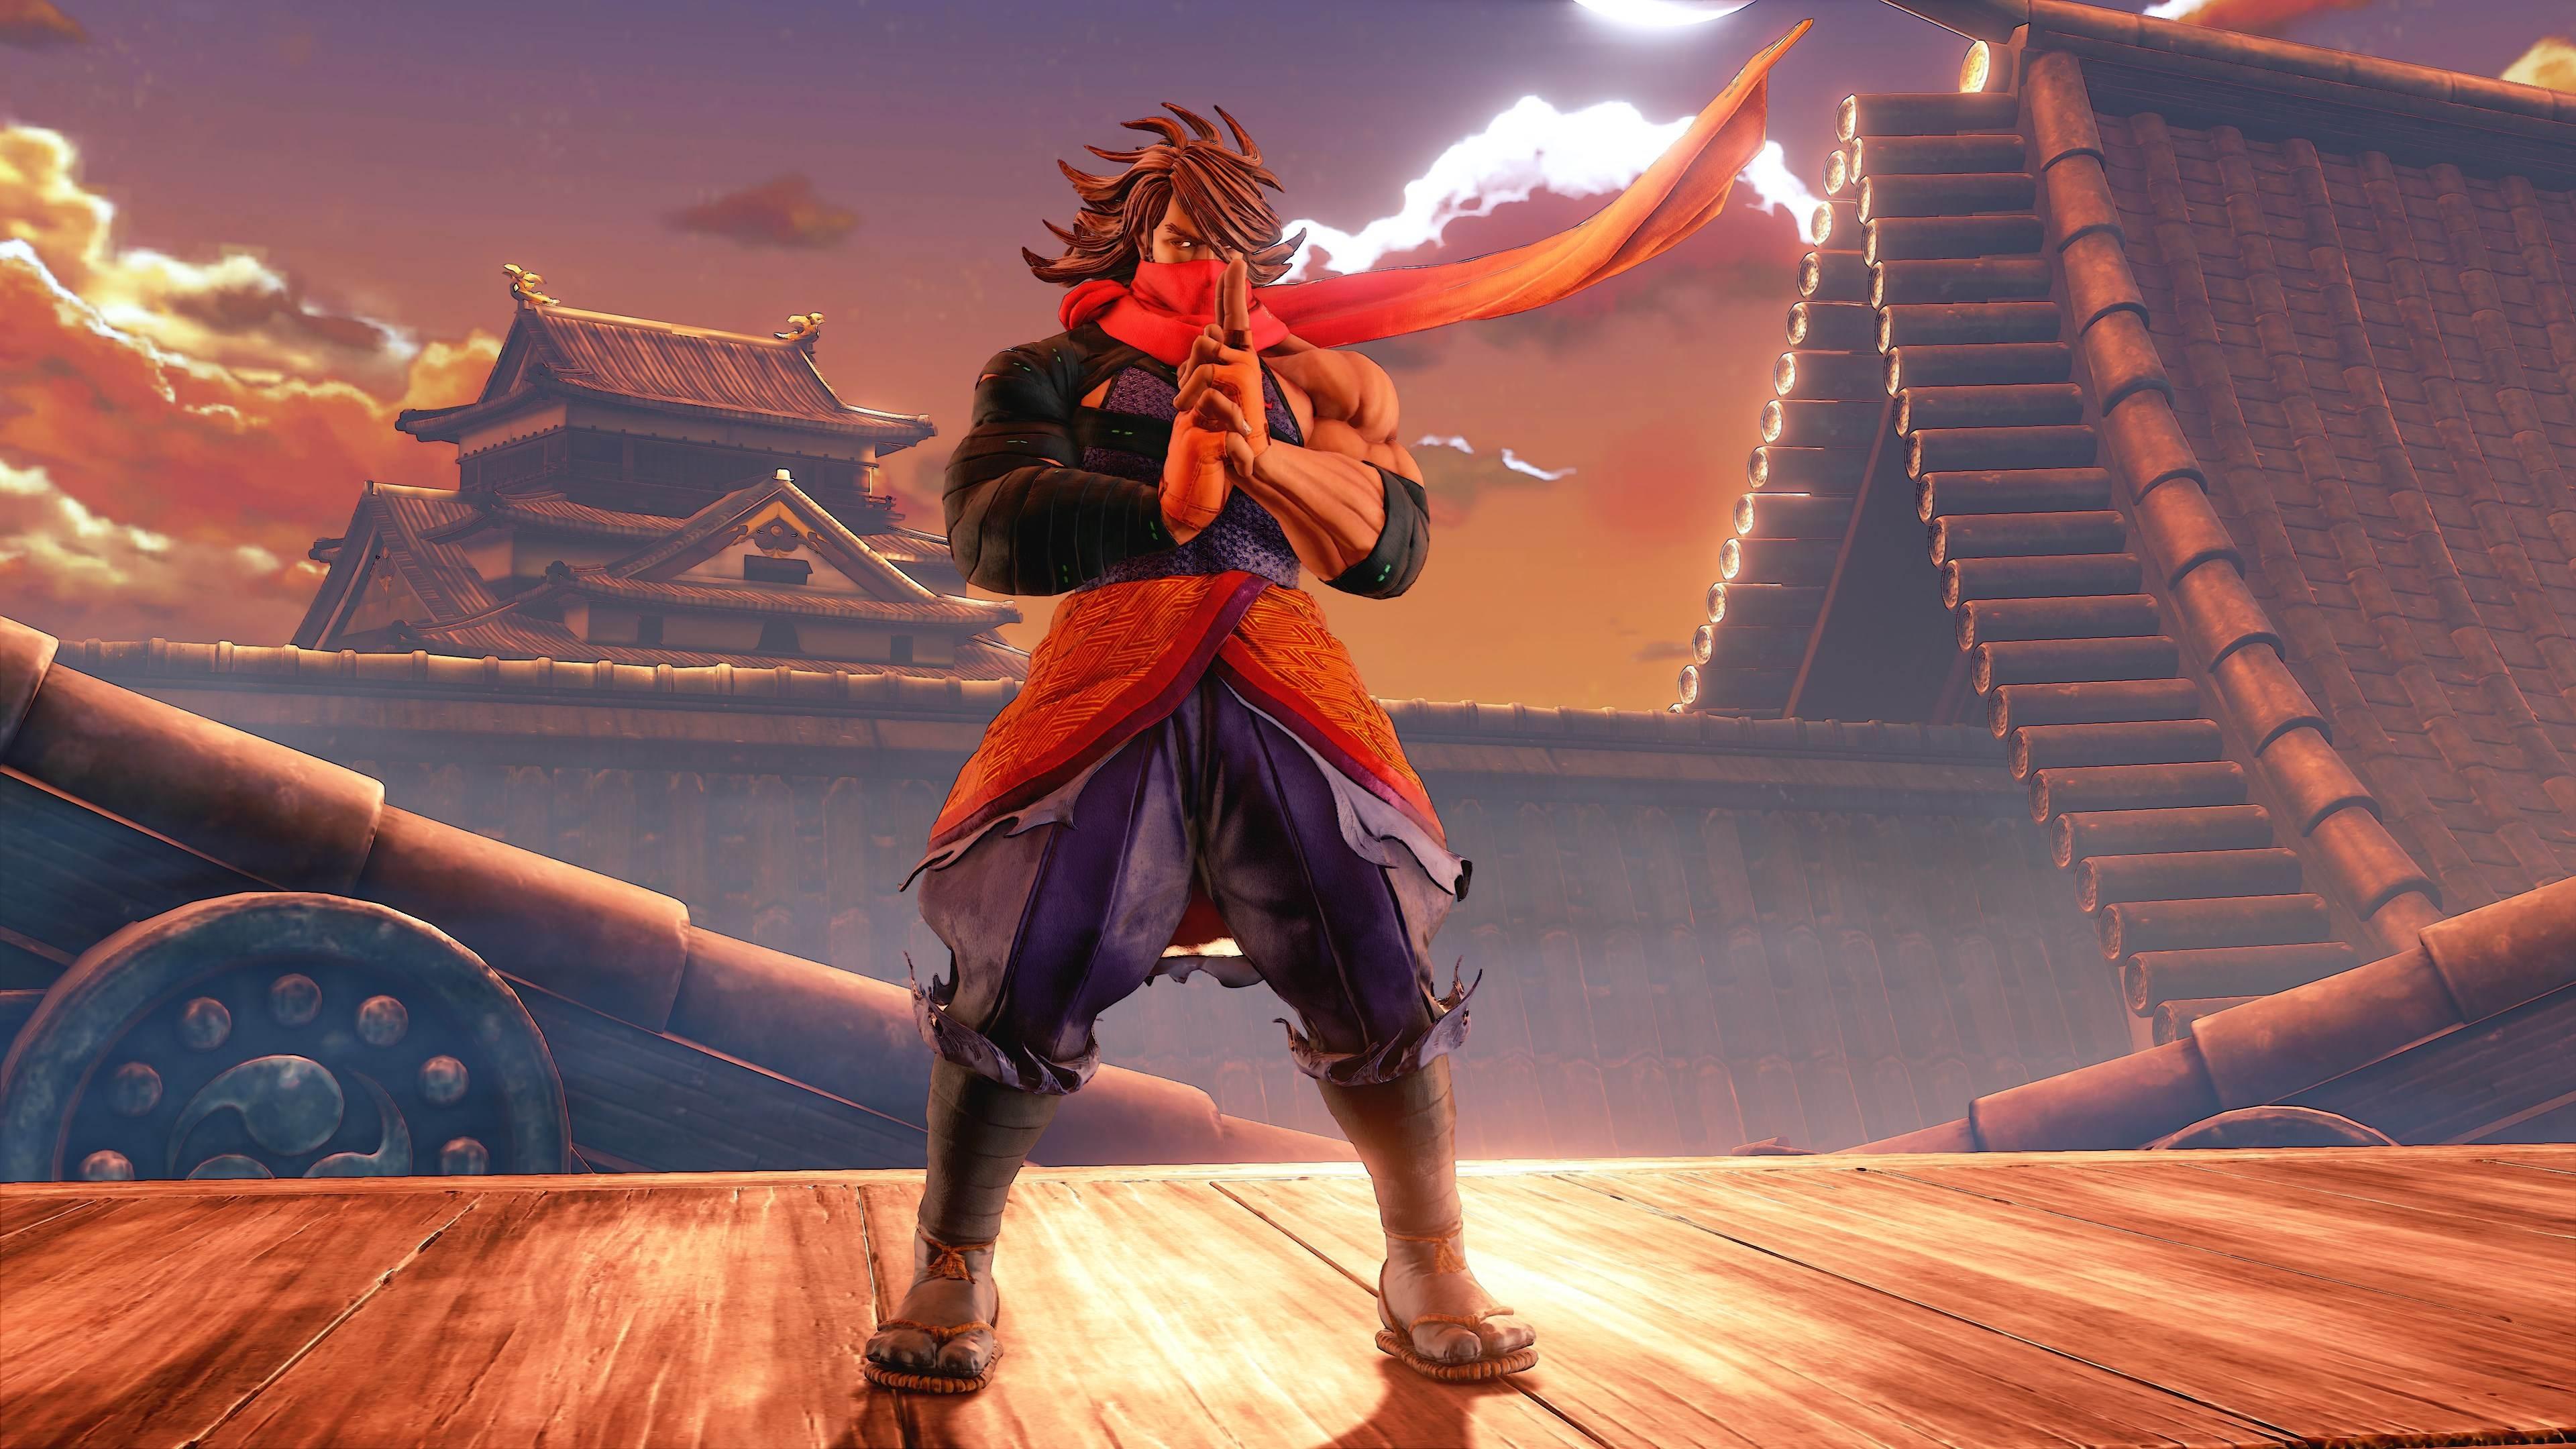 Mortal kombat sony blade vs kano - 2 7